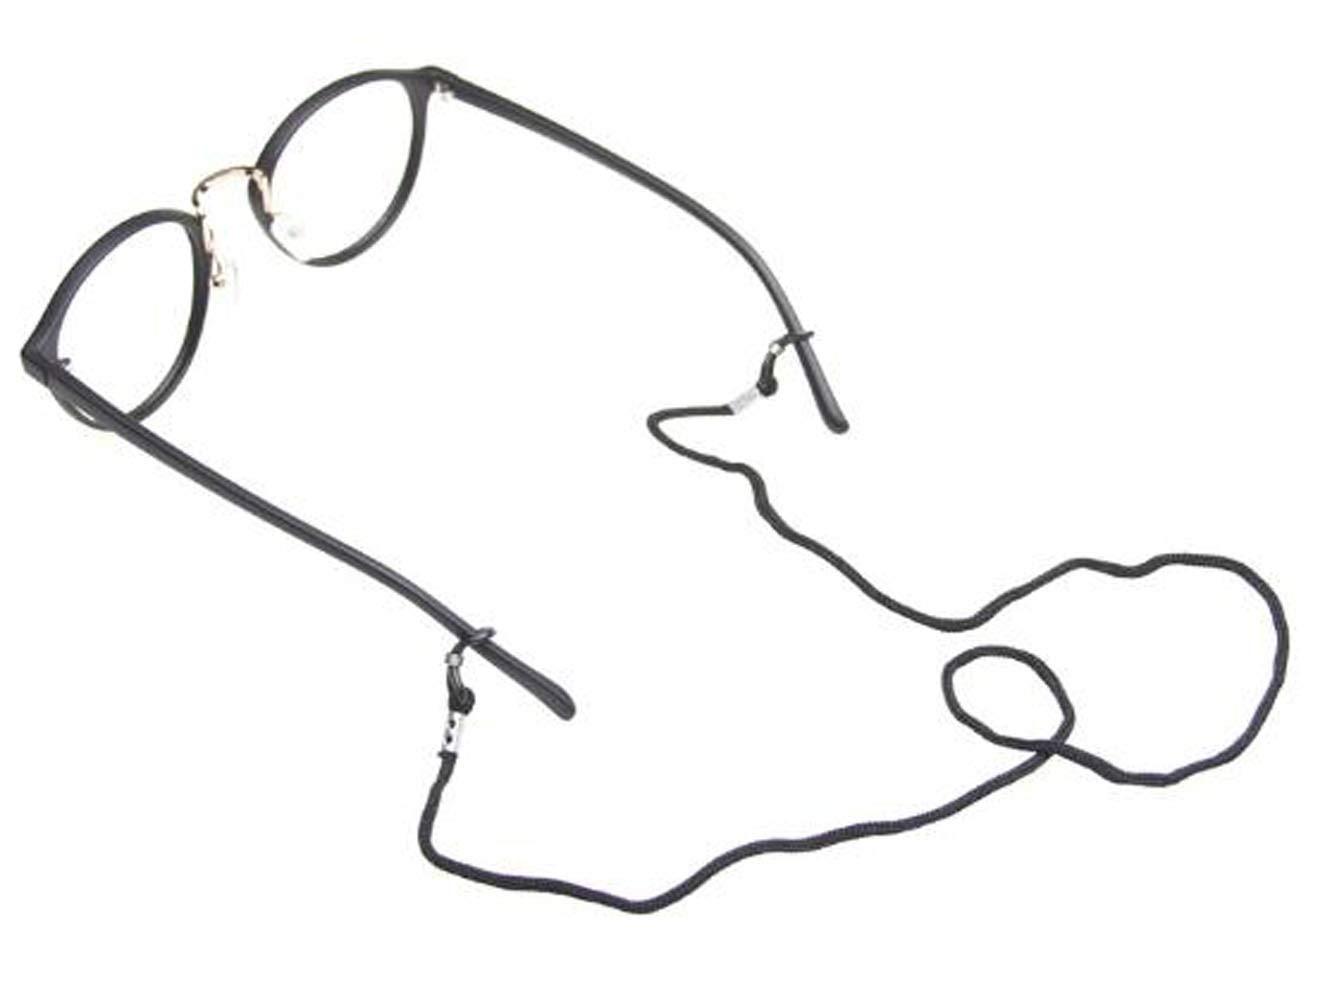 12X Brillenkette Brillenband Brille Seil Brille Kordel Halter Brillen Seil Accessoire Mehrfarbig